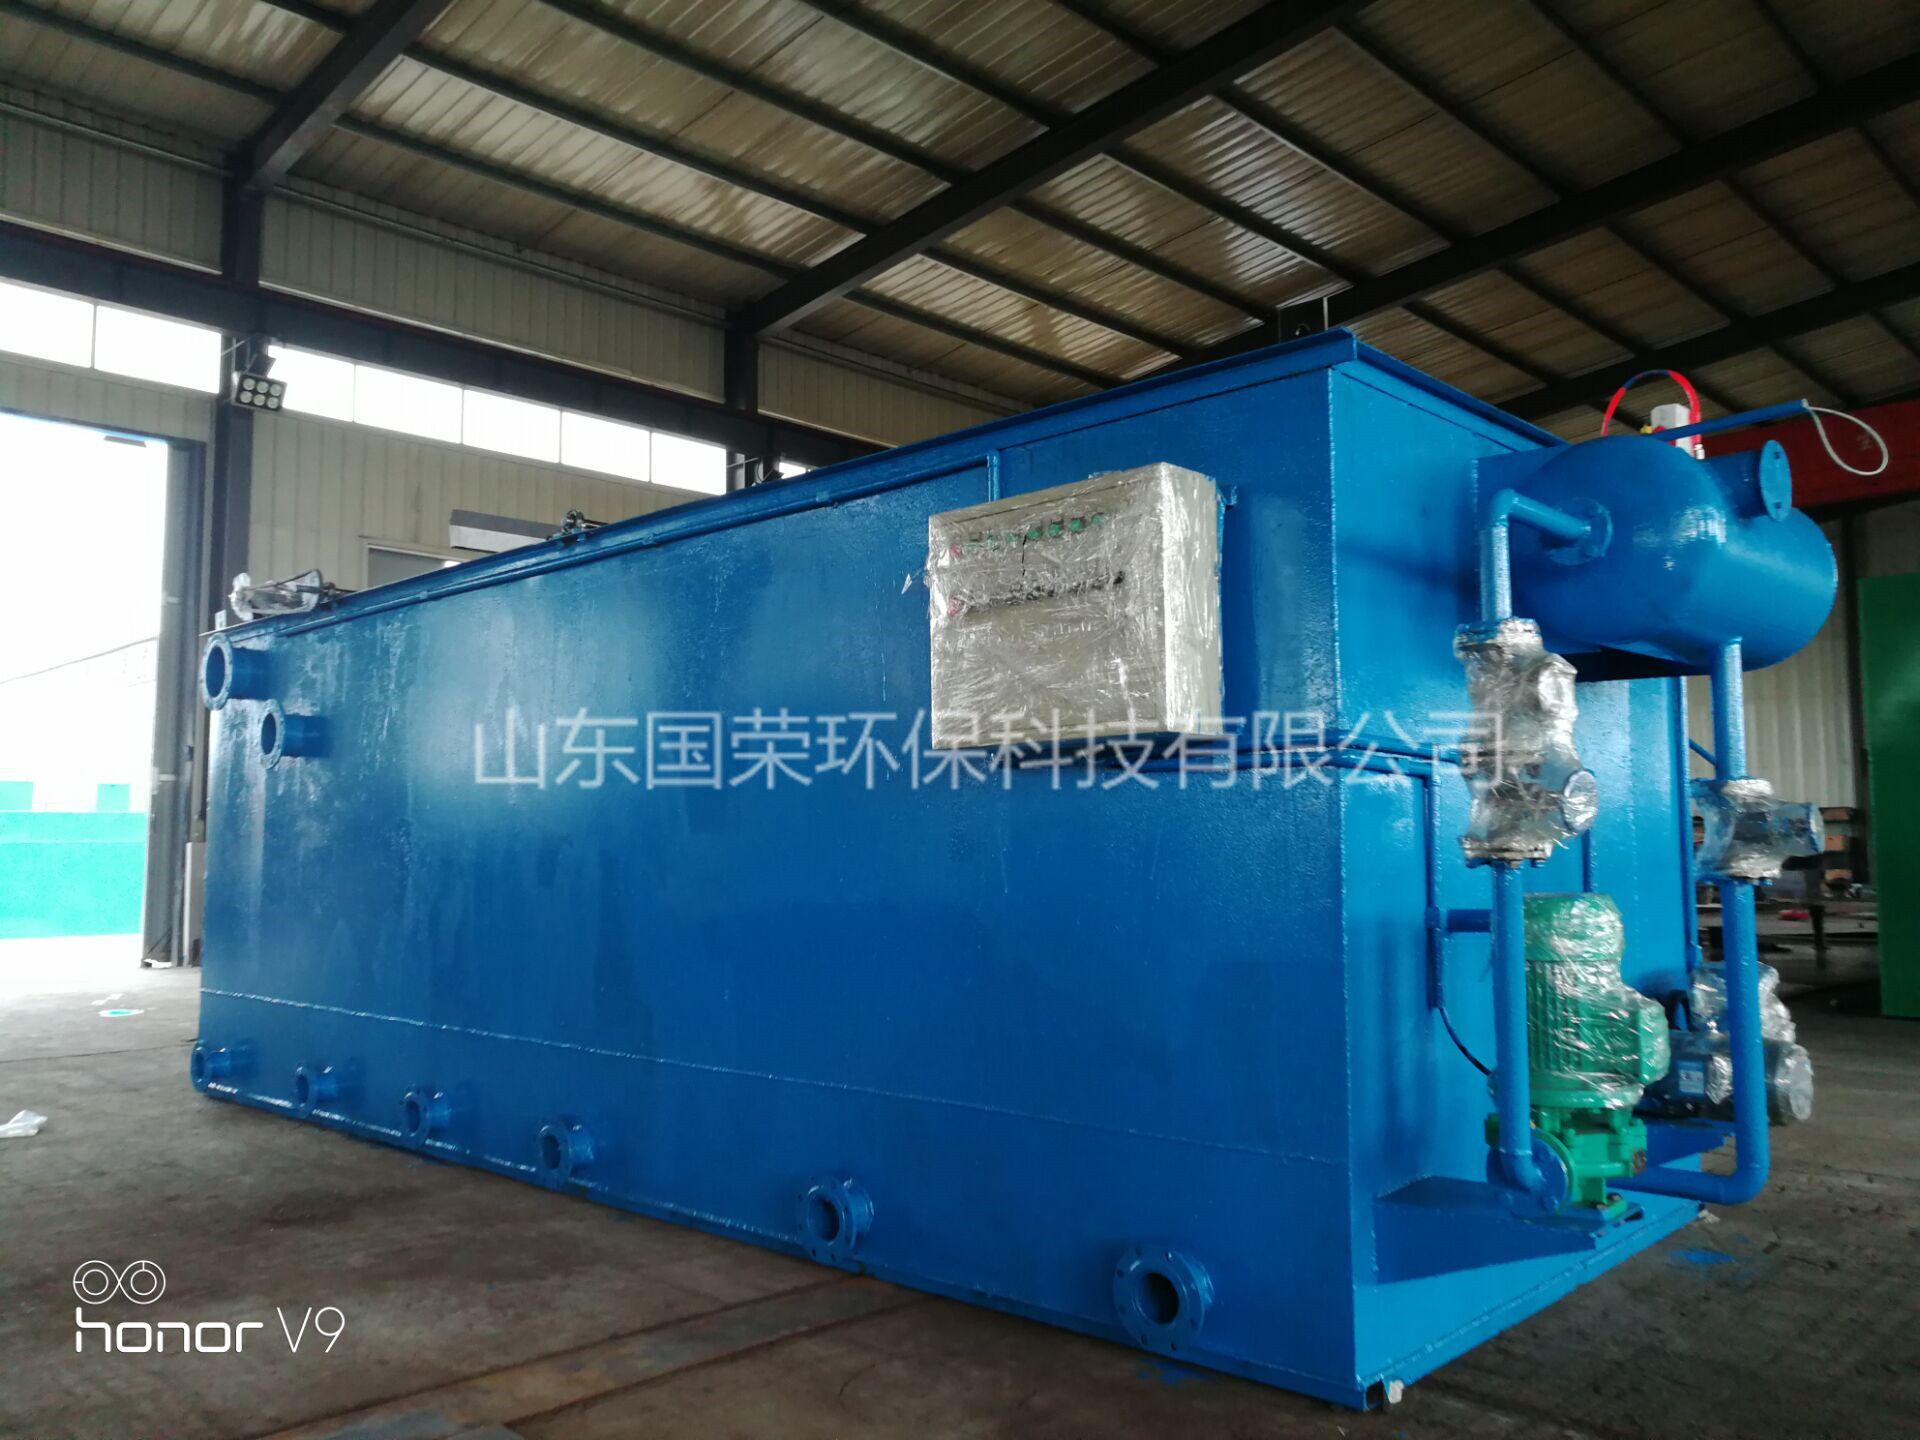 圆形钢制结构,是污水处理机的主体和核心,内部由释放器,均布器,污水